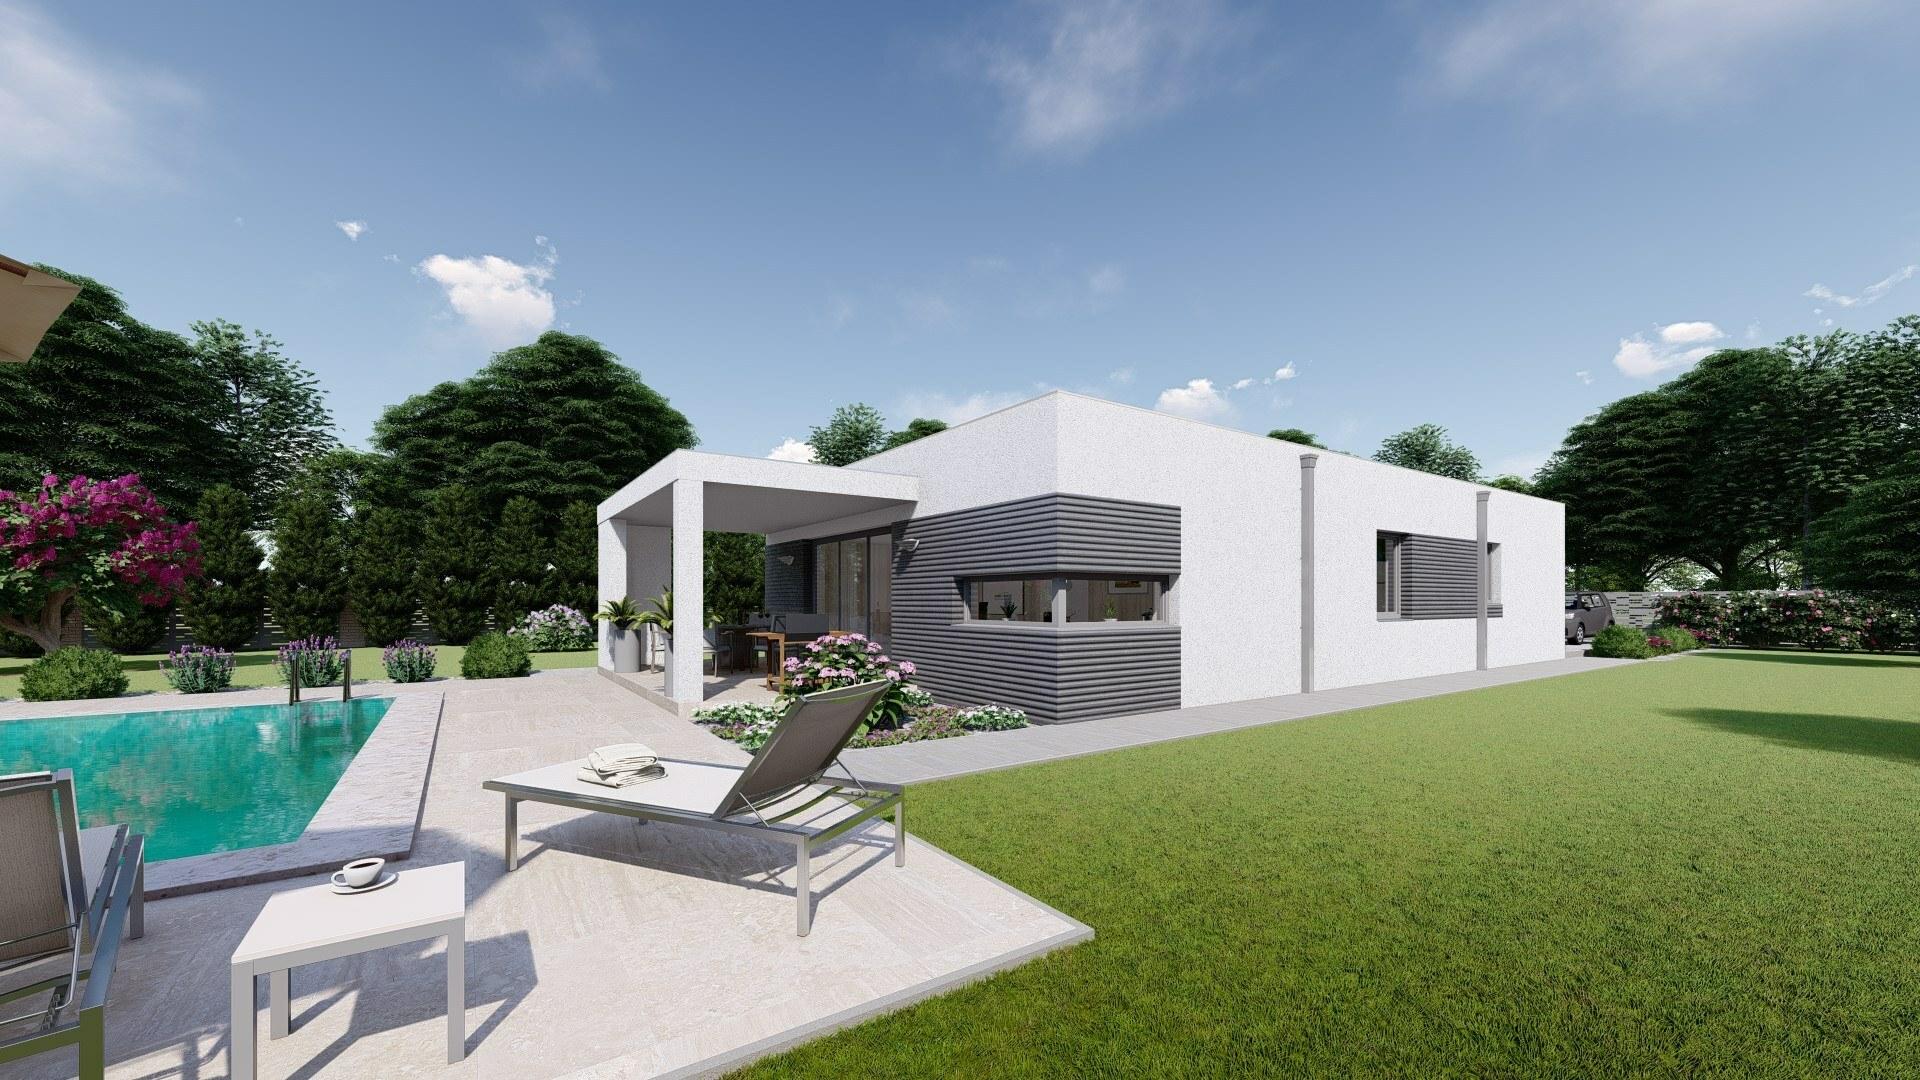 Projekt domu NIA 4 vizualizácia zadnej bočnej strany2